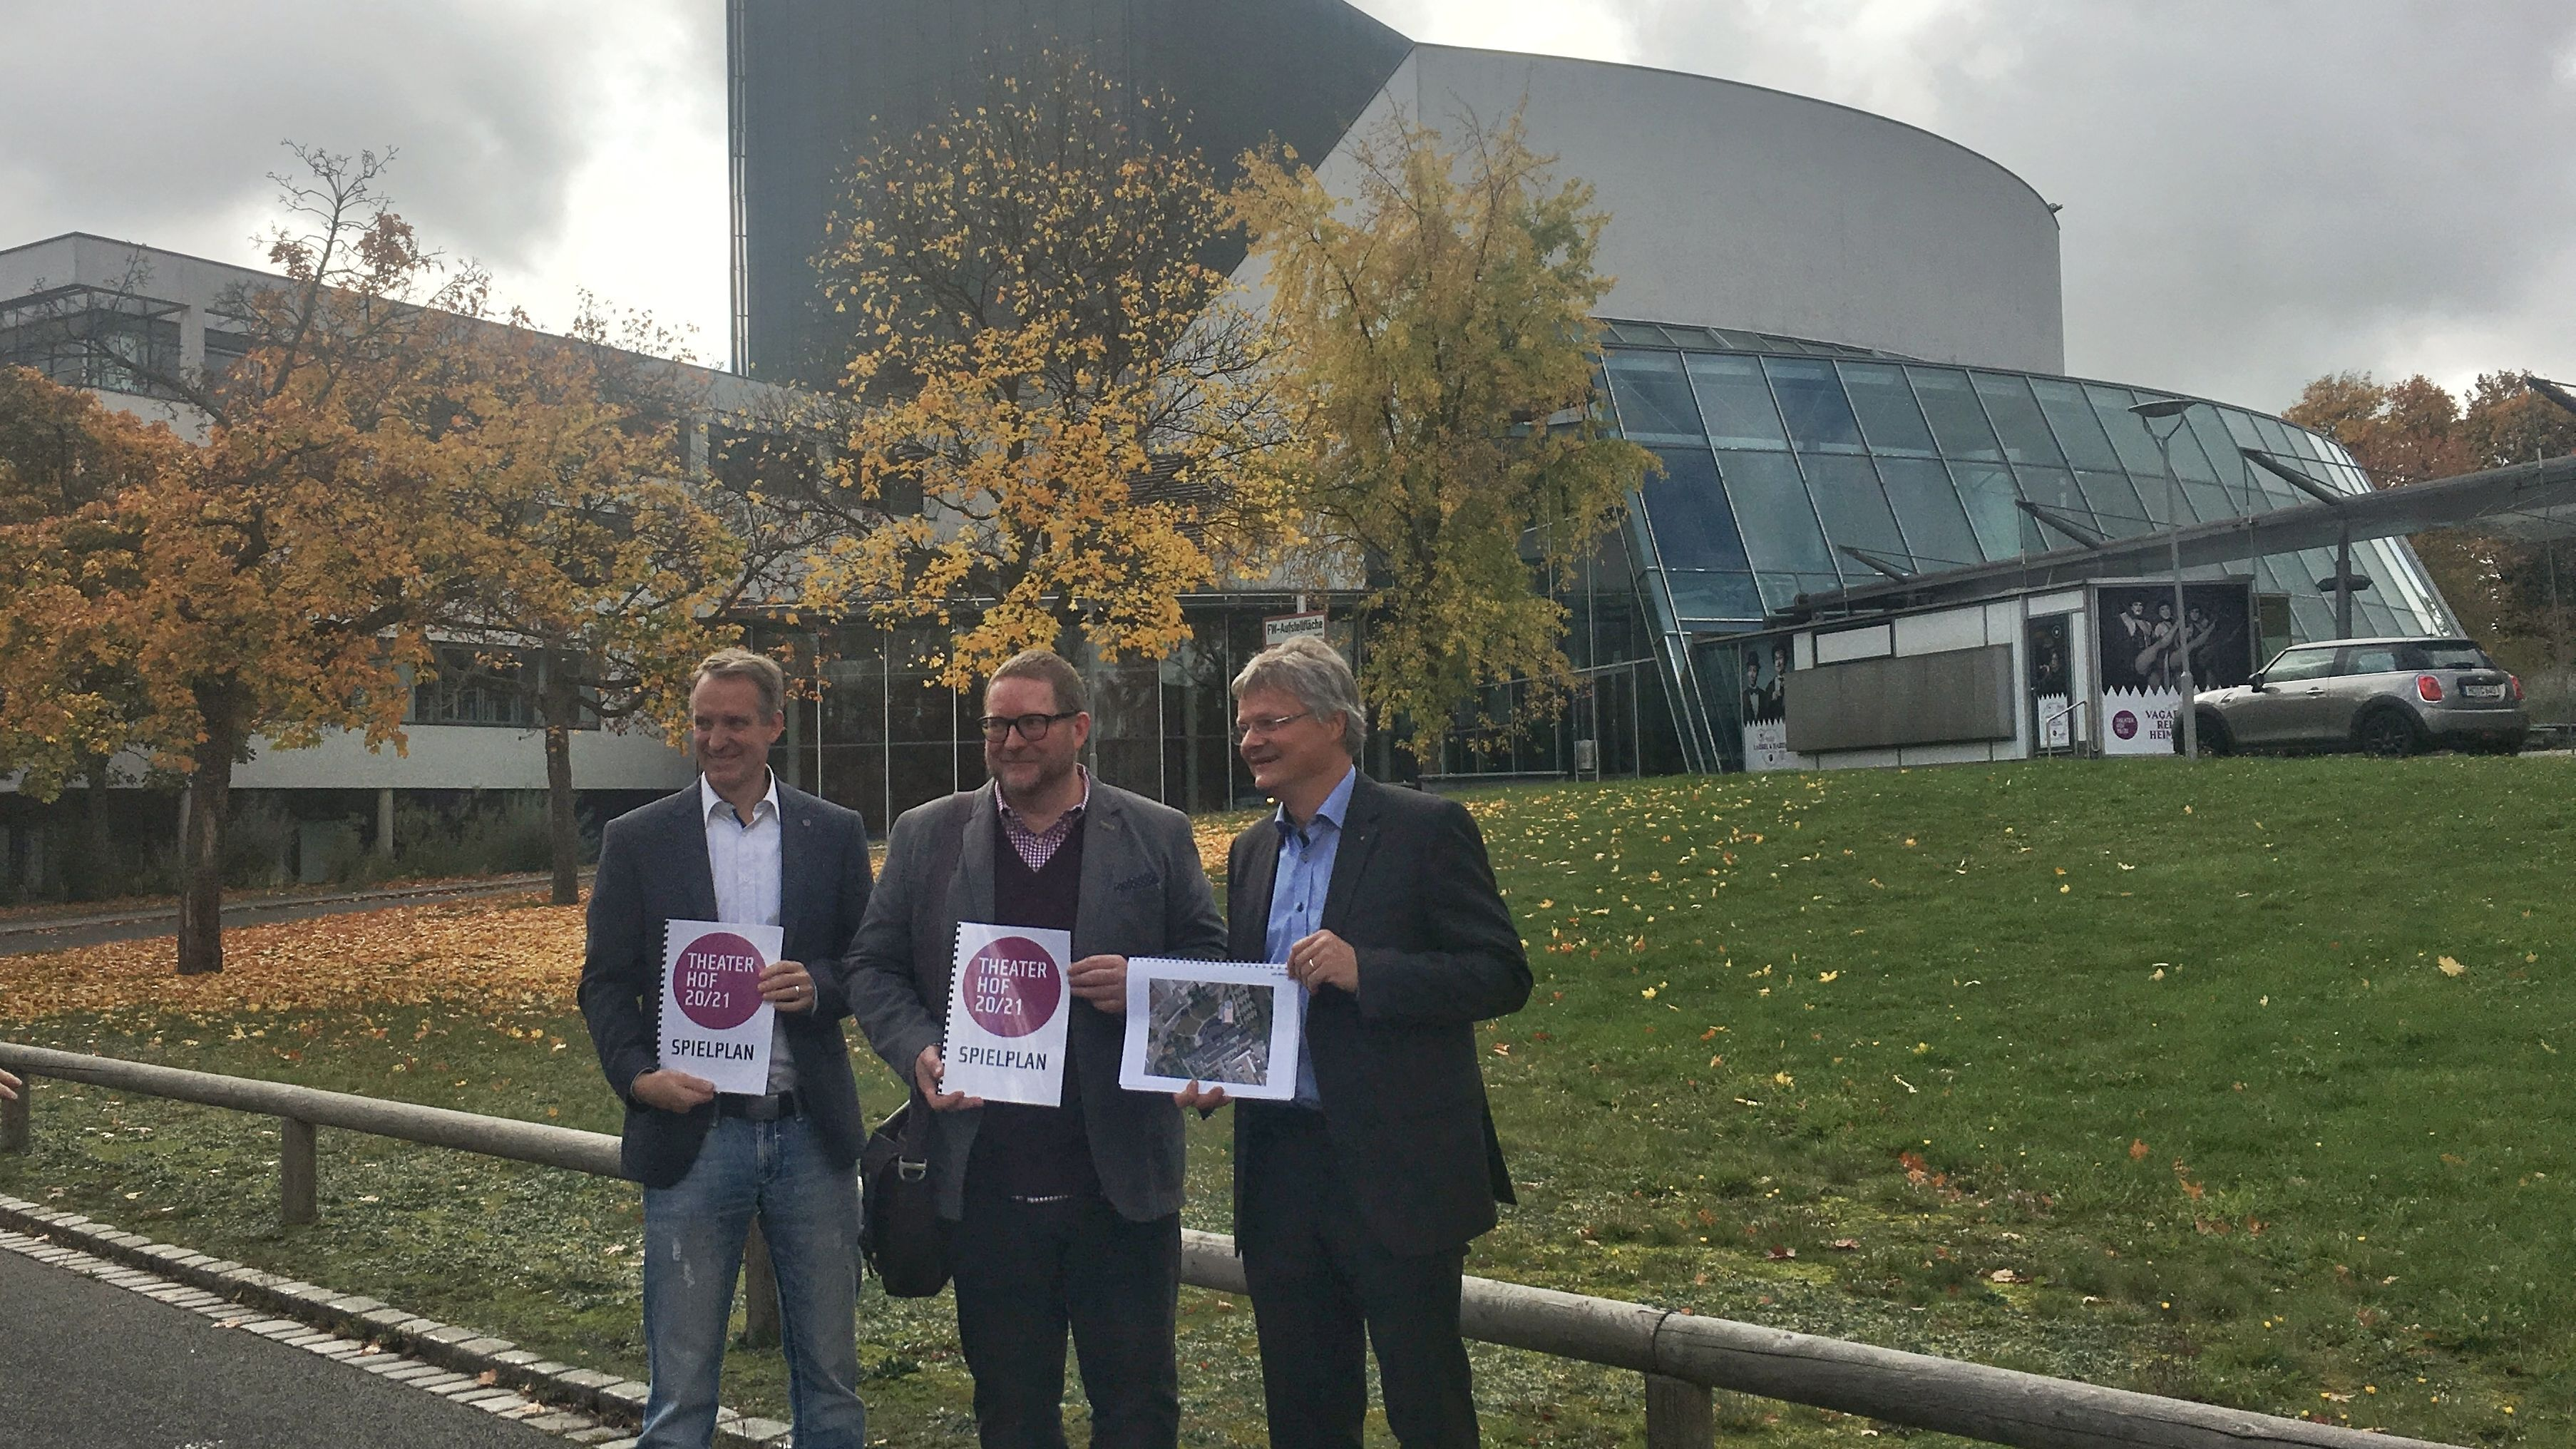 Geschäftsführer Florian Lühnsdorff, Intendant Reinhardt Friese und Kulturamtsleiter Peter Nürmberger mit dem Spielplan 2020/2021 vor der Freifläche vor dem Theater, die als Interimsspielstätte dienen soll.